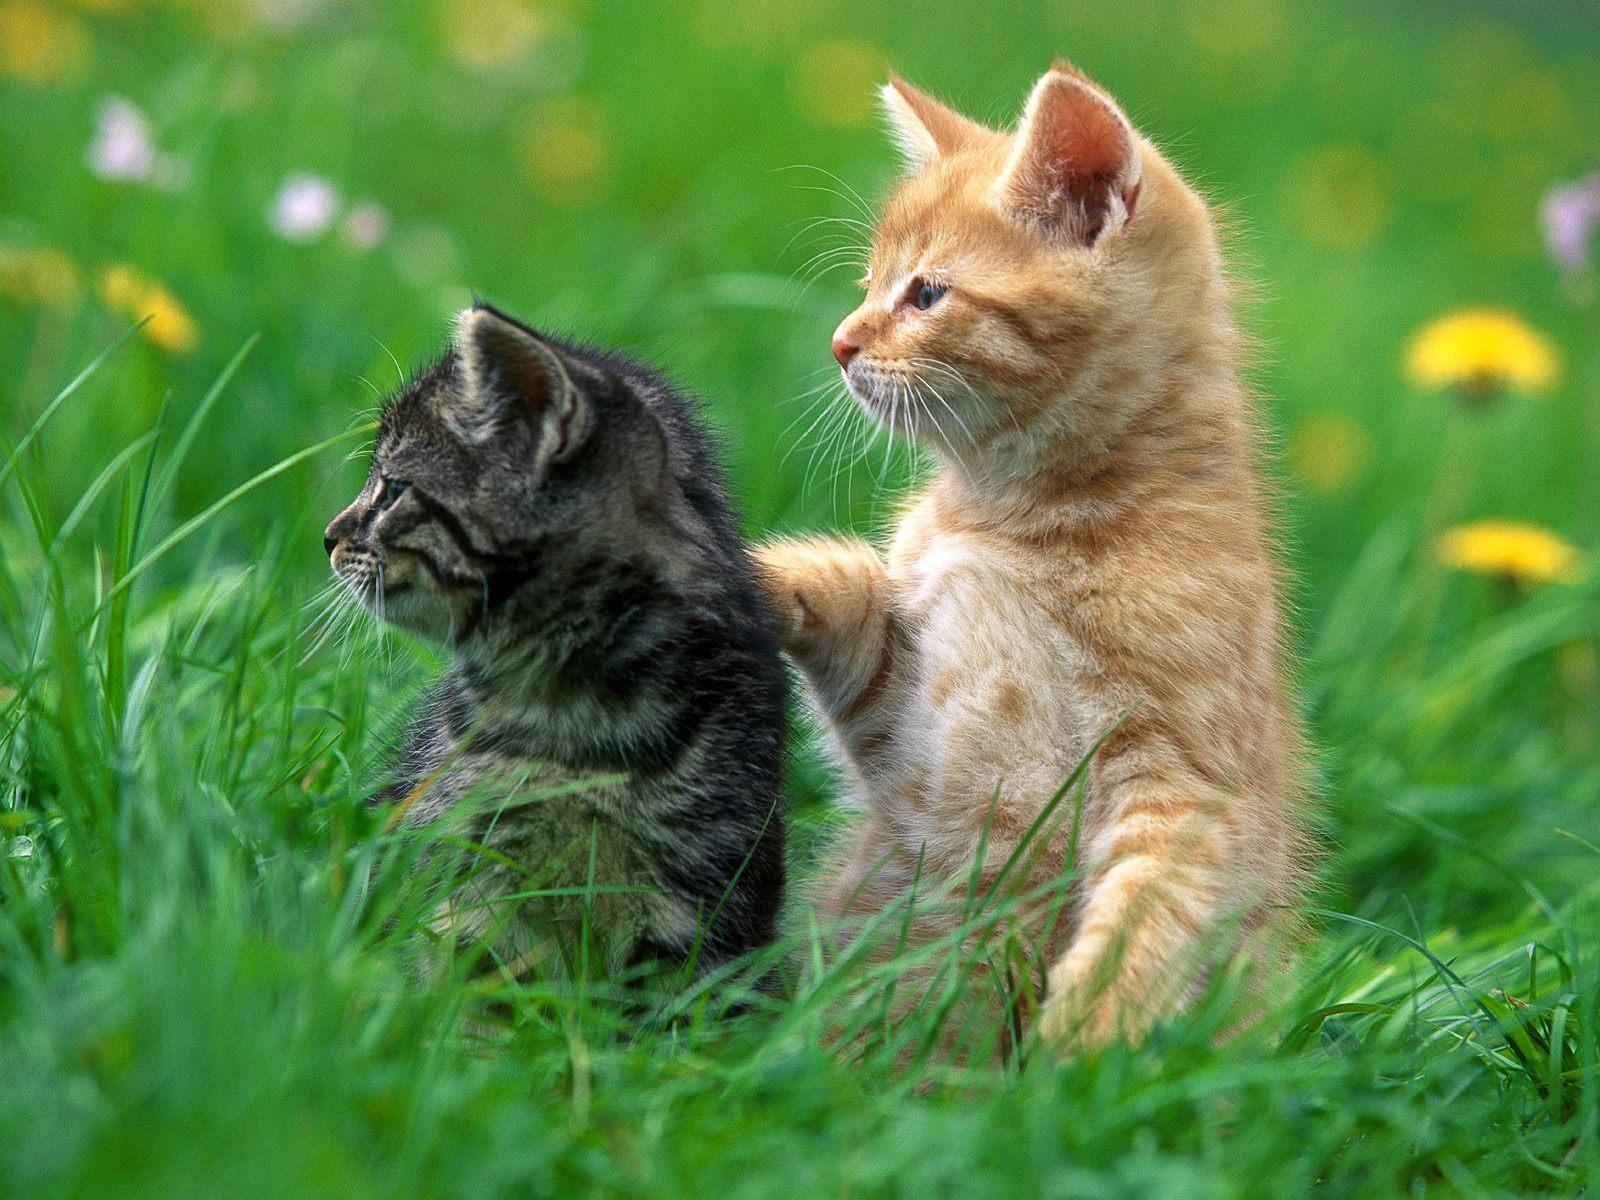 những hình ảnh đẹp động vật , ảnh động vật dễ